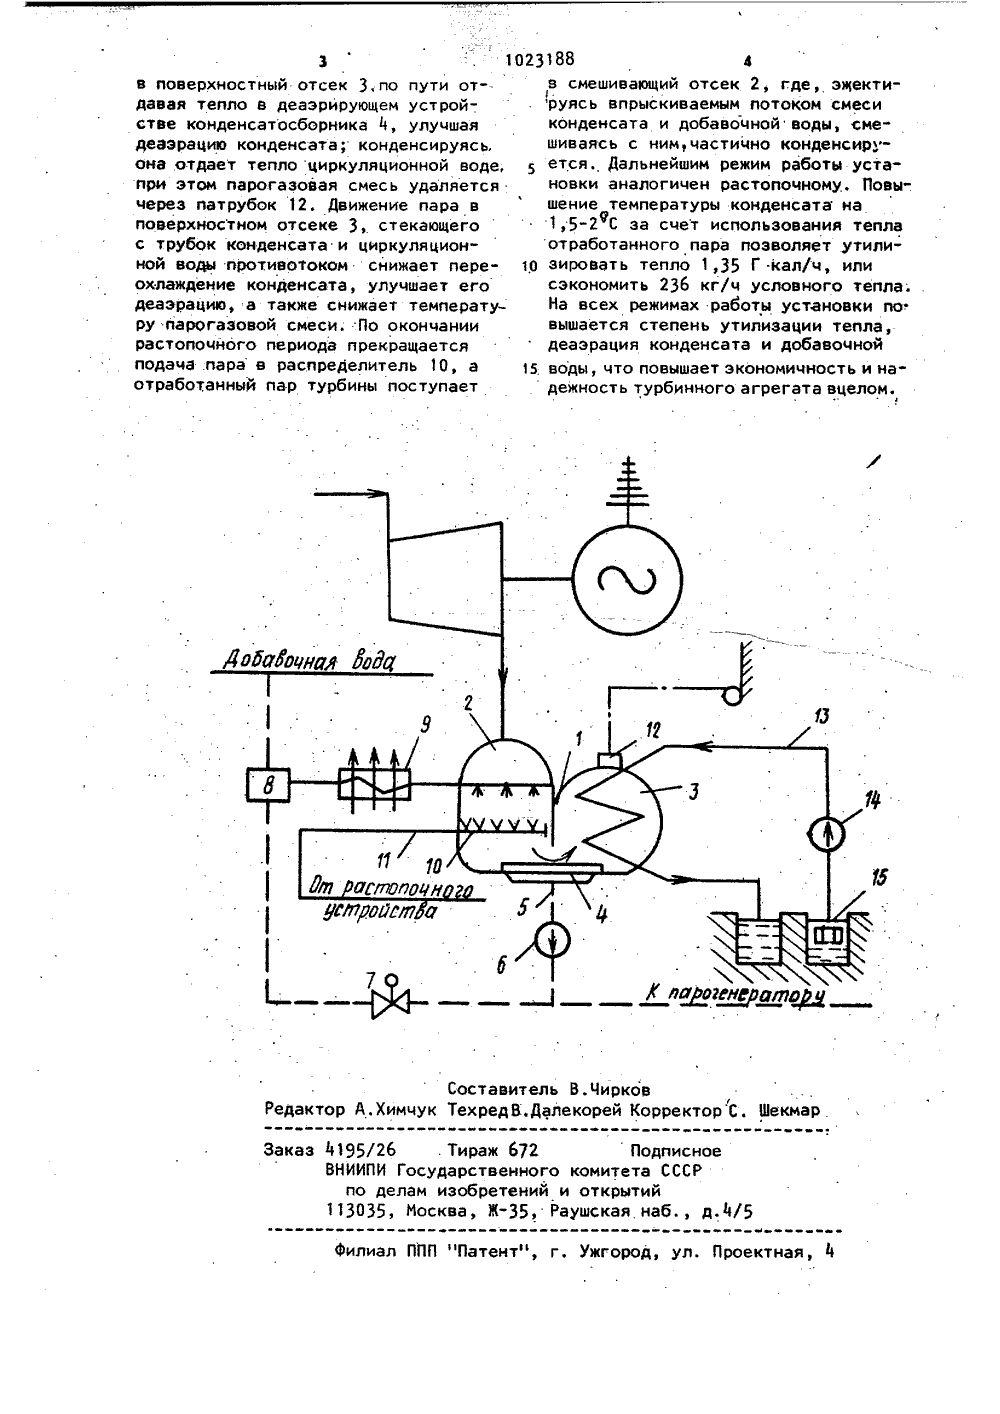 Схема конденсационной установки